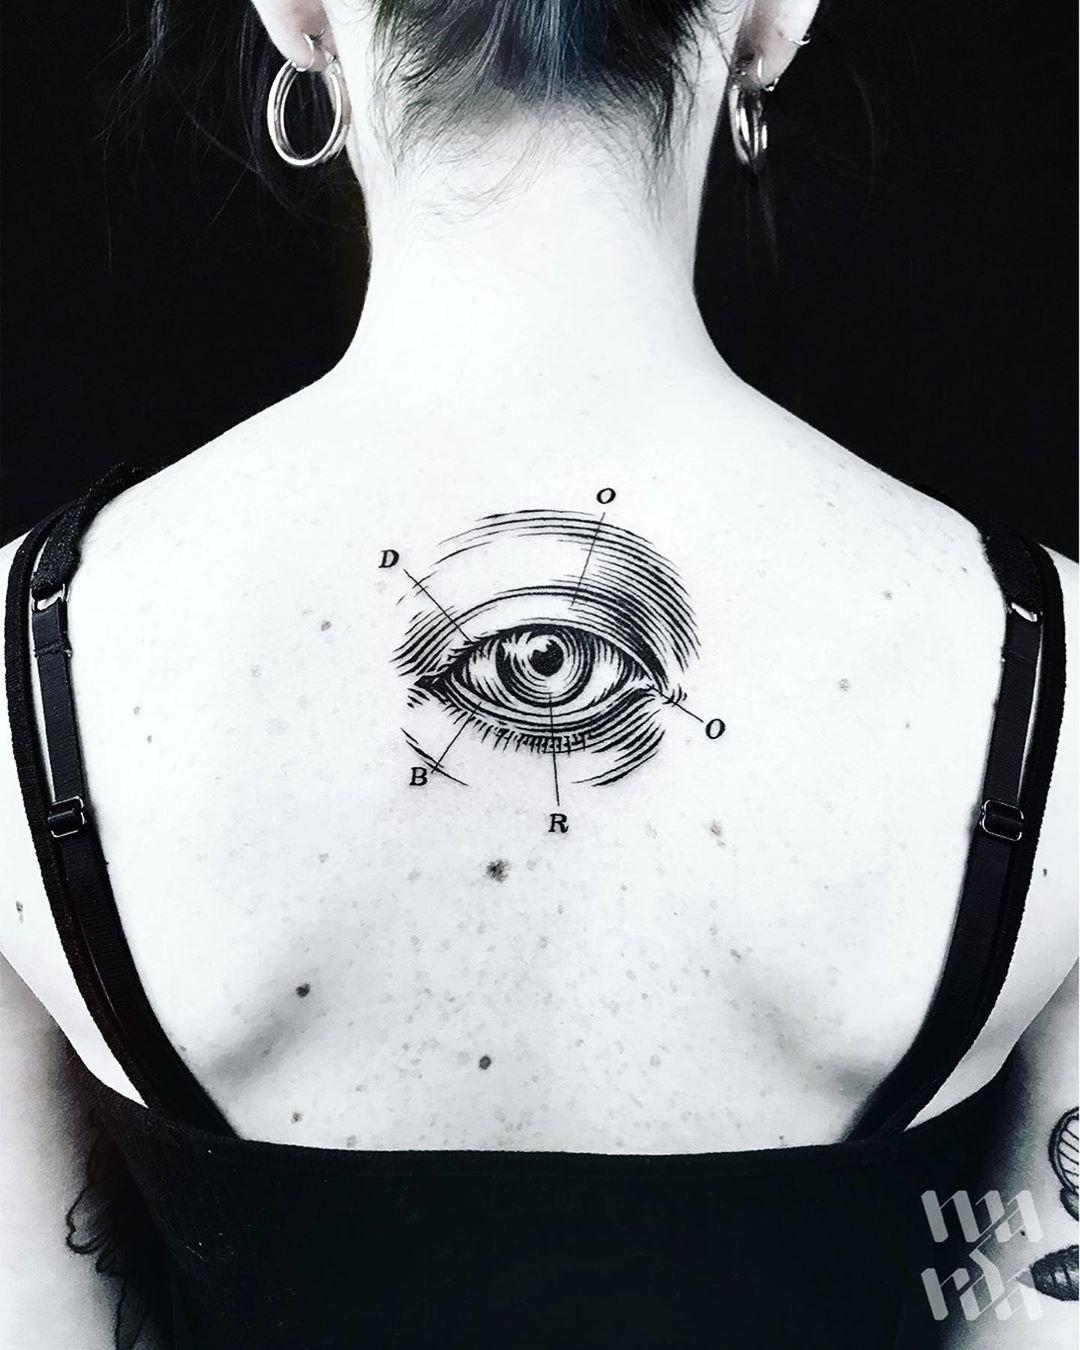 Женская Тату Глаз и Буквы на Спине